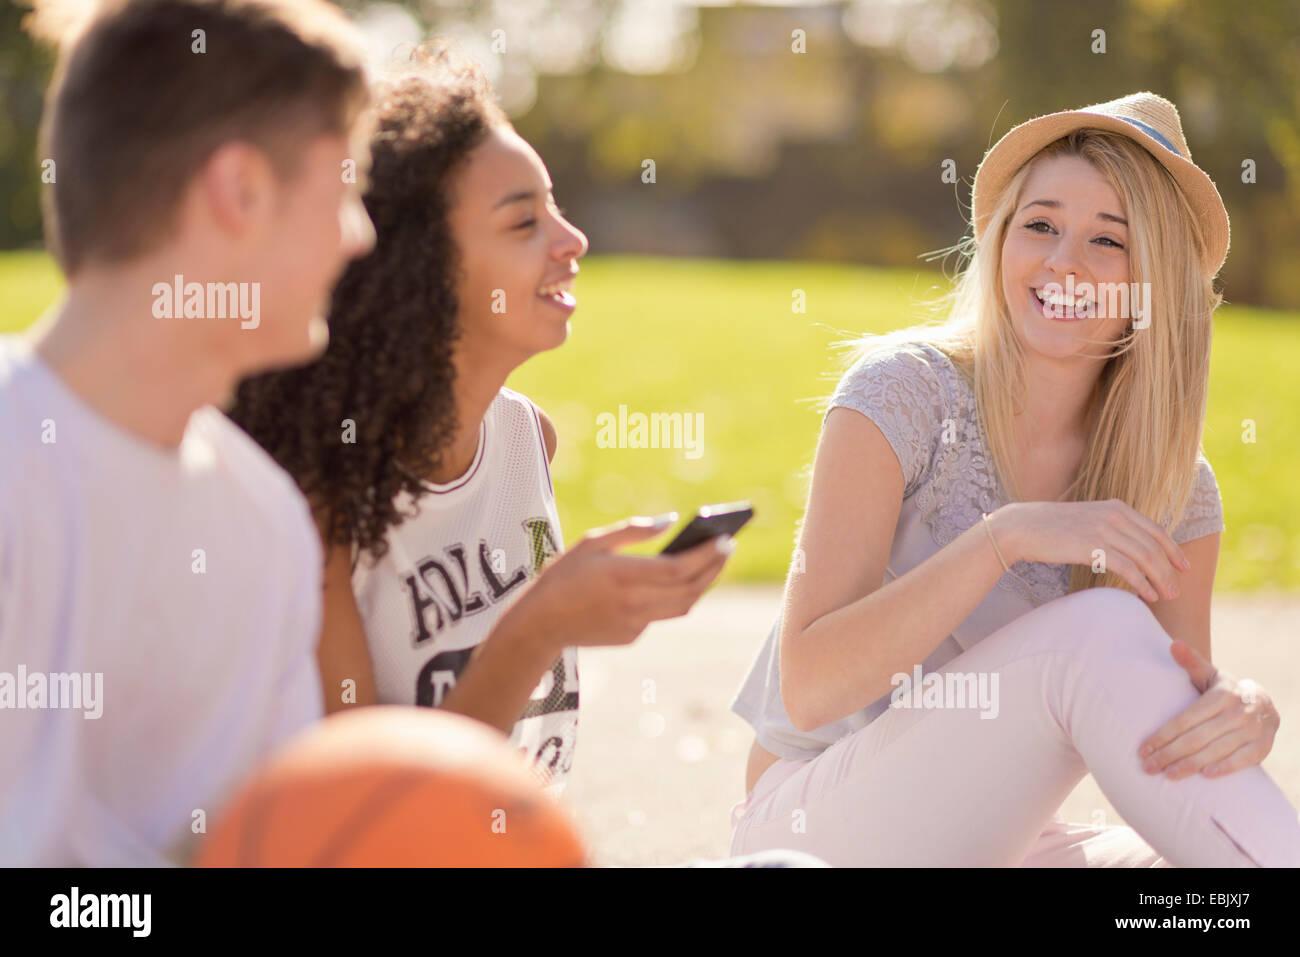 Drei junge Erwachsene Basketball-Spieler, plaudern und lachen Stockbild